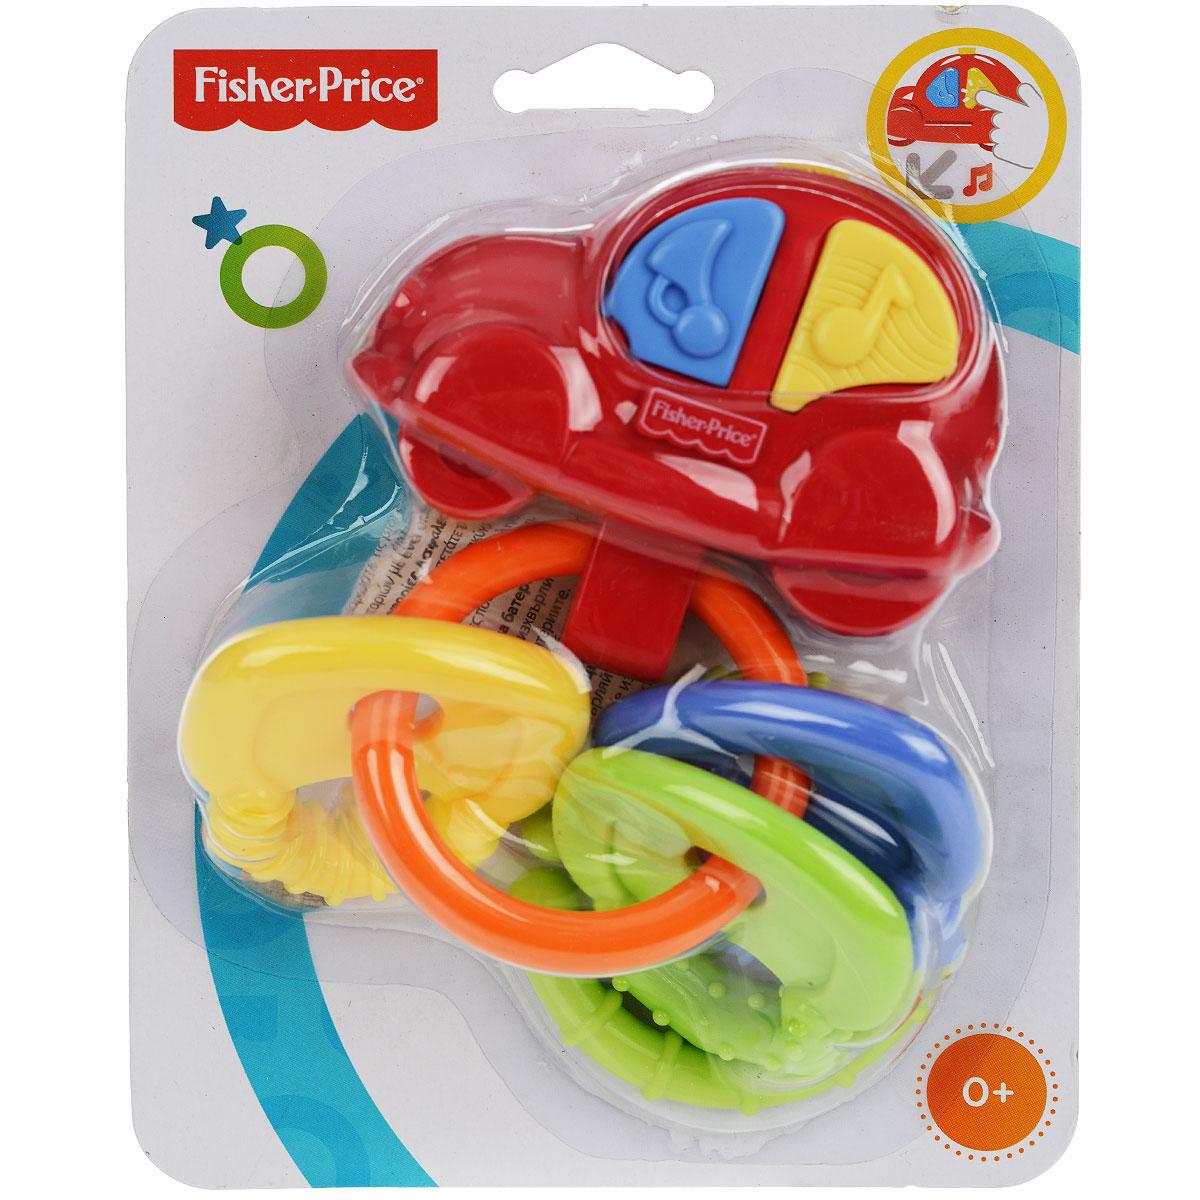 Fisher-Price Newborn Погремушка-прорезыватель Музыкальная машинкаG6648Яркая погремушка-прорезыватель Fisher-Price Музыкальная машинка не оставит вашего малыша равнодушным и не позволит ему скучать! Она выполнена из прочного безопасного пластика и представляет собой машинку, в нижней части которой крепится кольцо с тремя ключиками разных цветов. На корпусе машинки находятся две кнопки, при нажатии на которые малыш услышит автомобильный сигнал или веселую мелодию. Ключики имеют рельефные края, малыш может их использовать как прорезыватели. Игрушку с помощью пластикового кольца можно подвесить на кроватку, коляску, кресло или игровую дугу ребенка. Погремушка Музыкальная машинка поможет малышу развить цветовое и звуковое восприятие, мелкую моторику рук и координацию движений. Характеристики: Рекомендуемый возраст: от 0 месяцев. Высота игрушки: 16 см. Размер упаковки: 14 см х 18 см х 5 см.